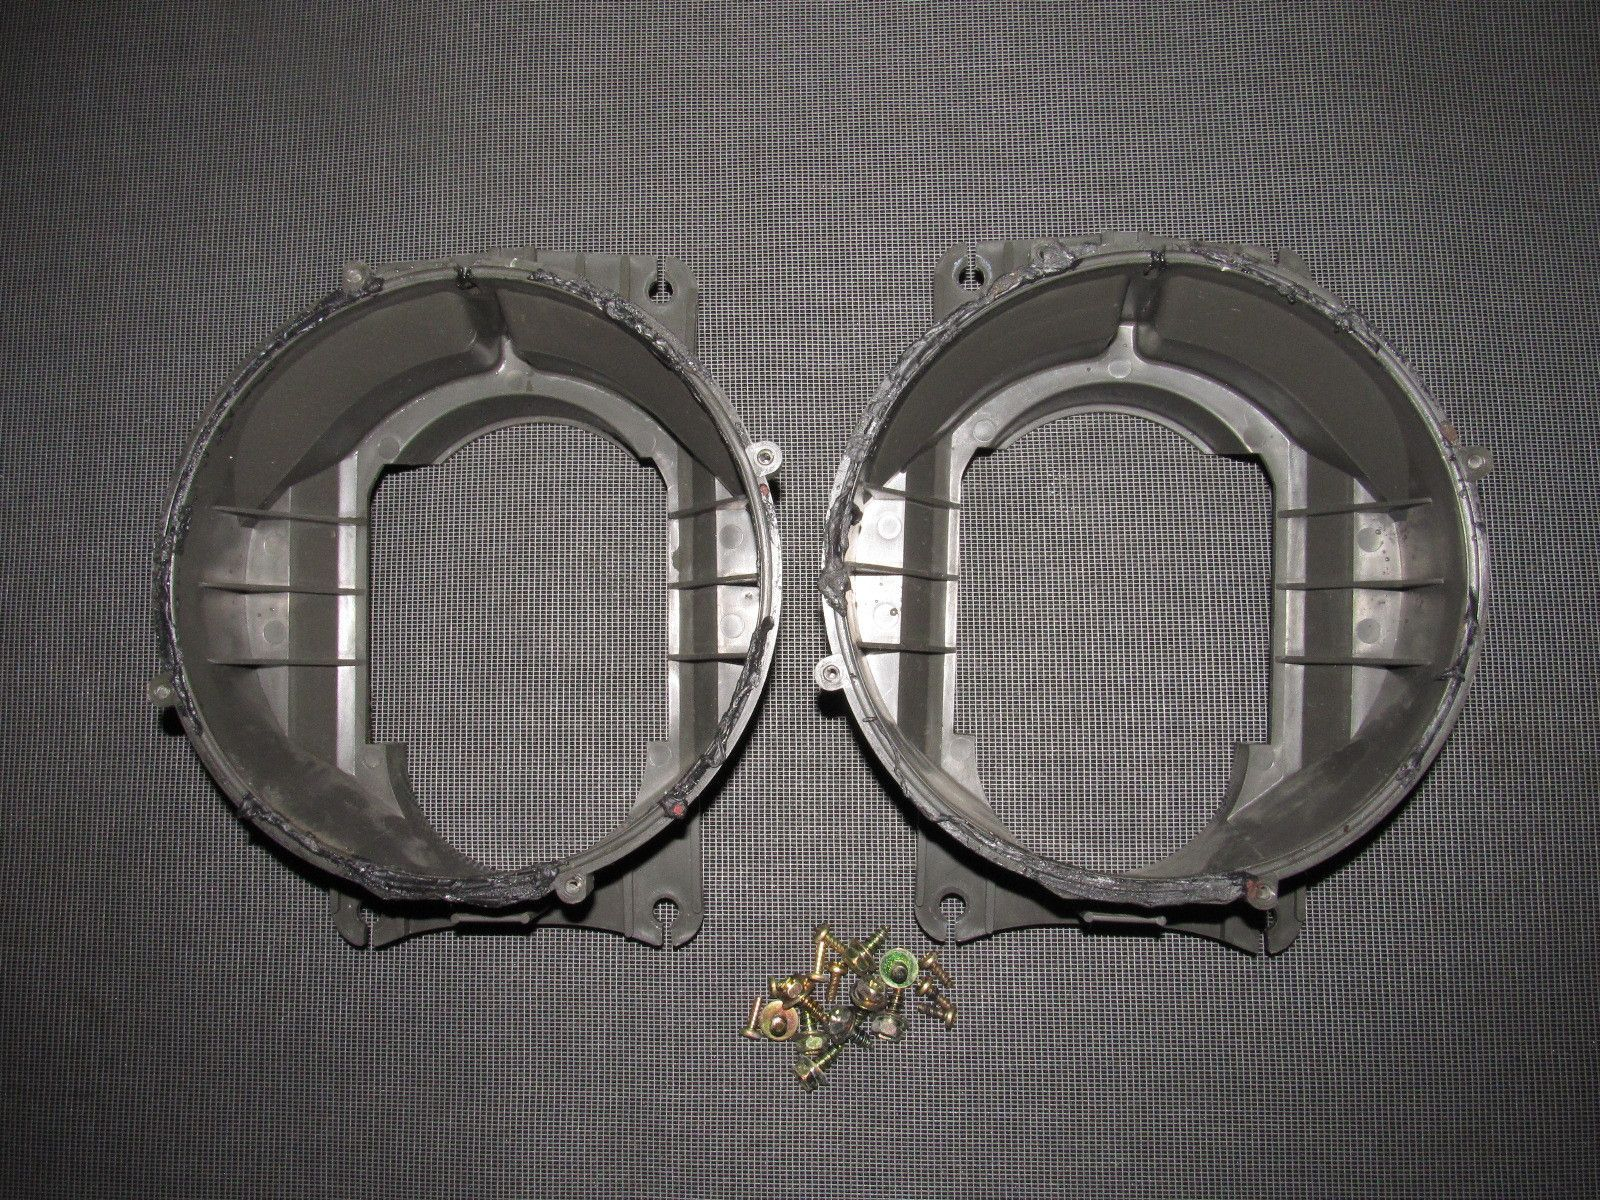 hight resolution of 94 95 96 97 98 99 toyota celica oem front door speaker housing bracket